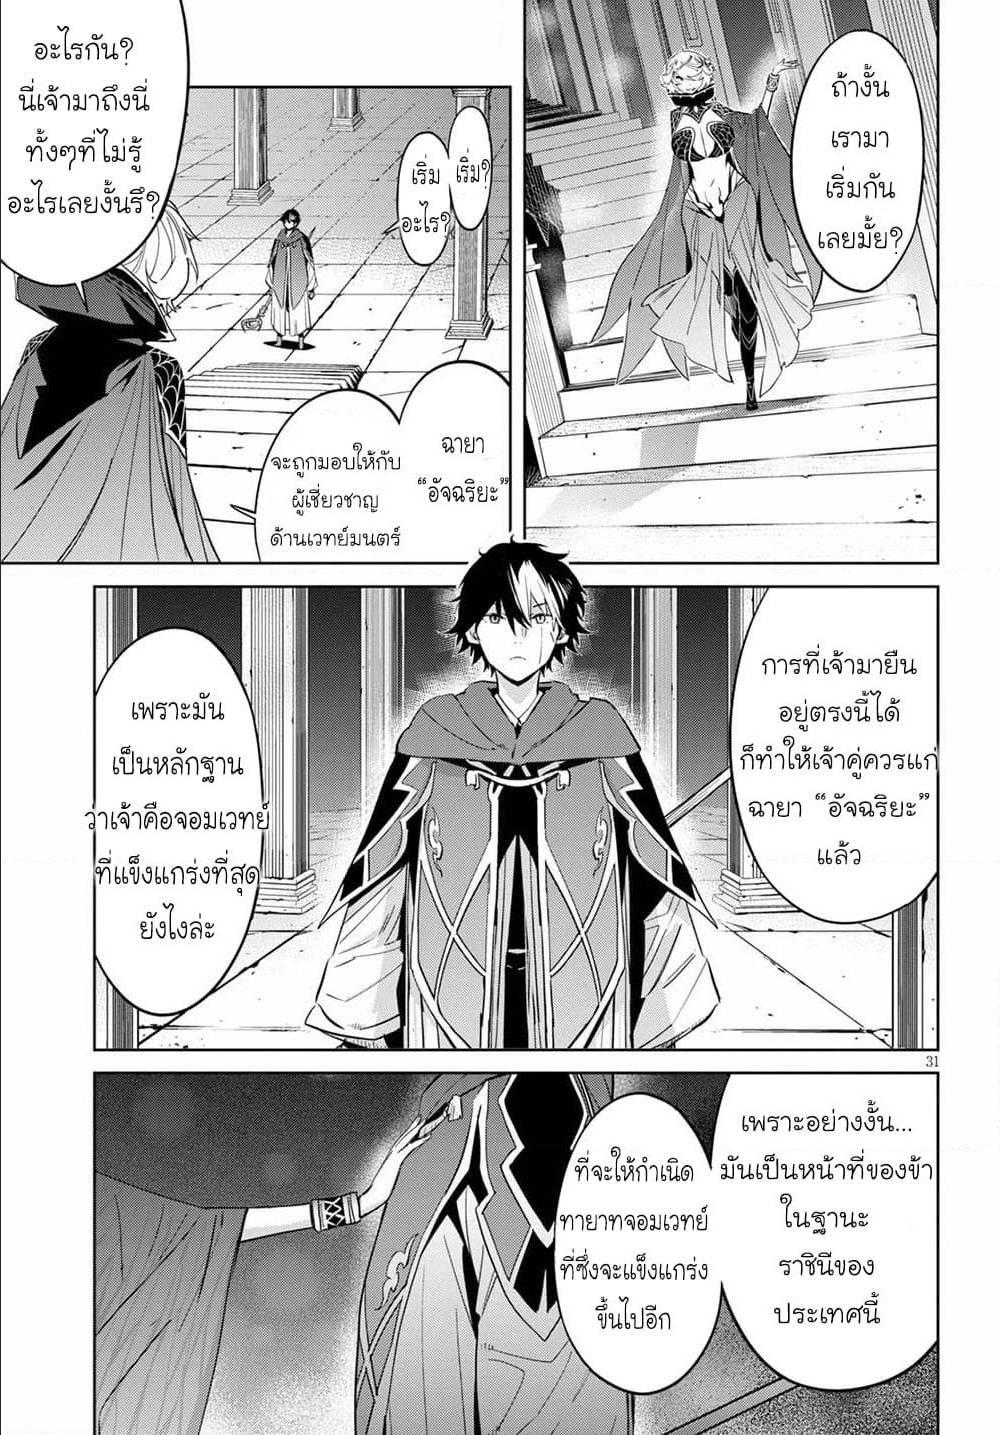 อ่านการ์ตูน Game obu Familia - Family Senki ตอนที่ 27 หน้าที่ 30